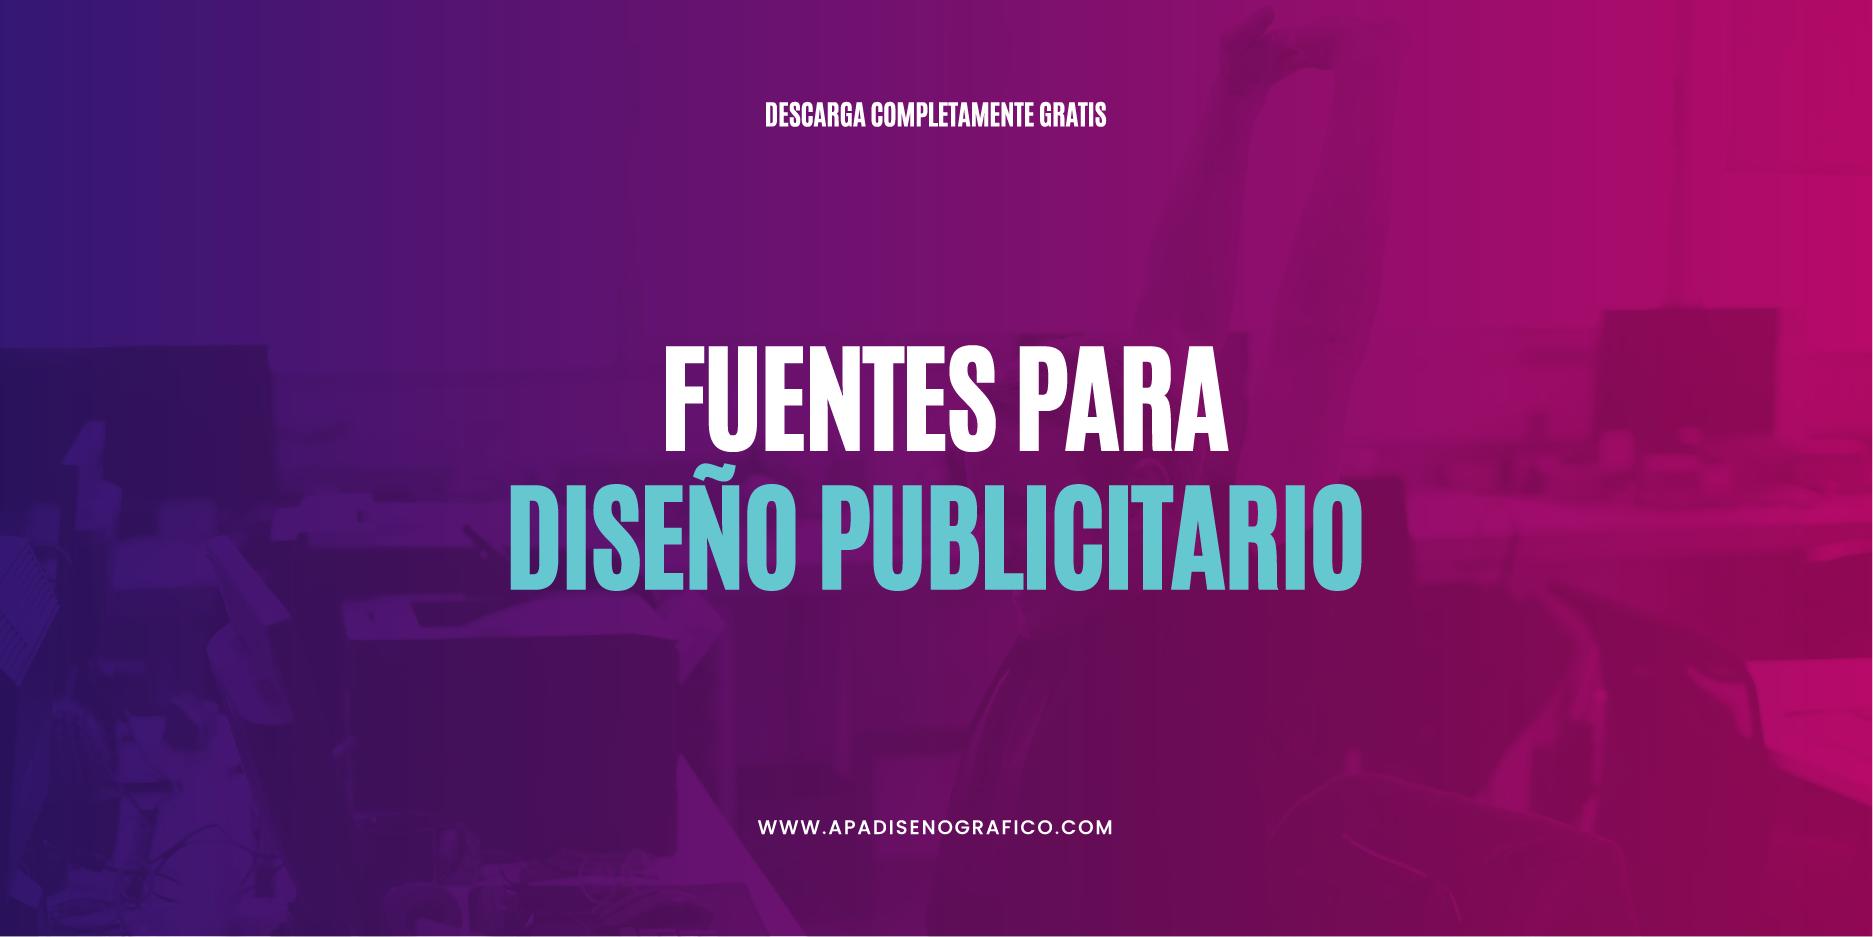 fuentes gratuitas de uso libre para diseñar logos - carteles - marcas y anuncios publicitarios